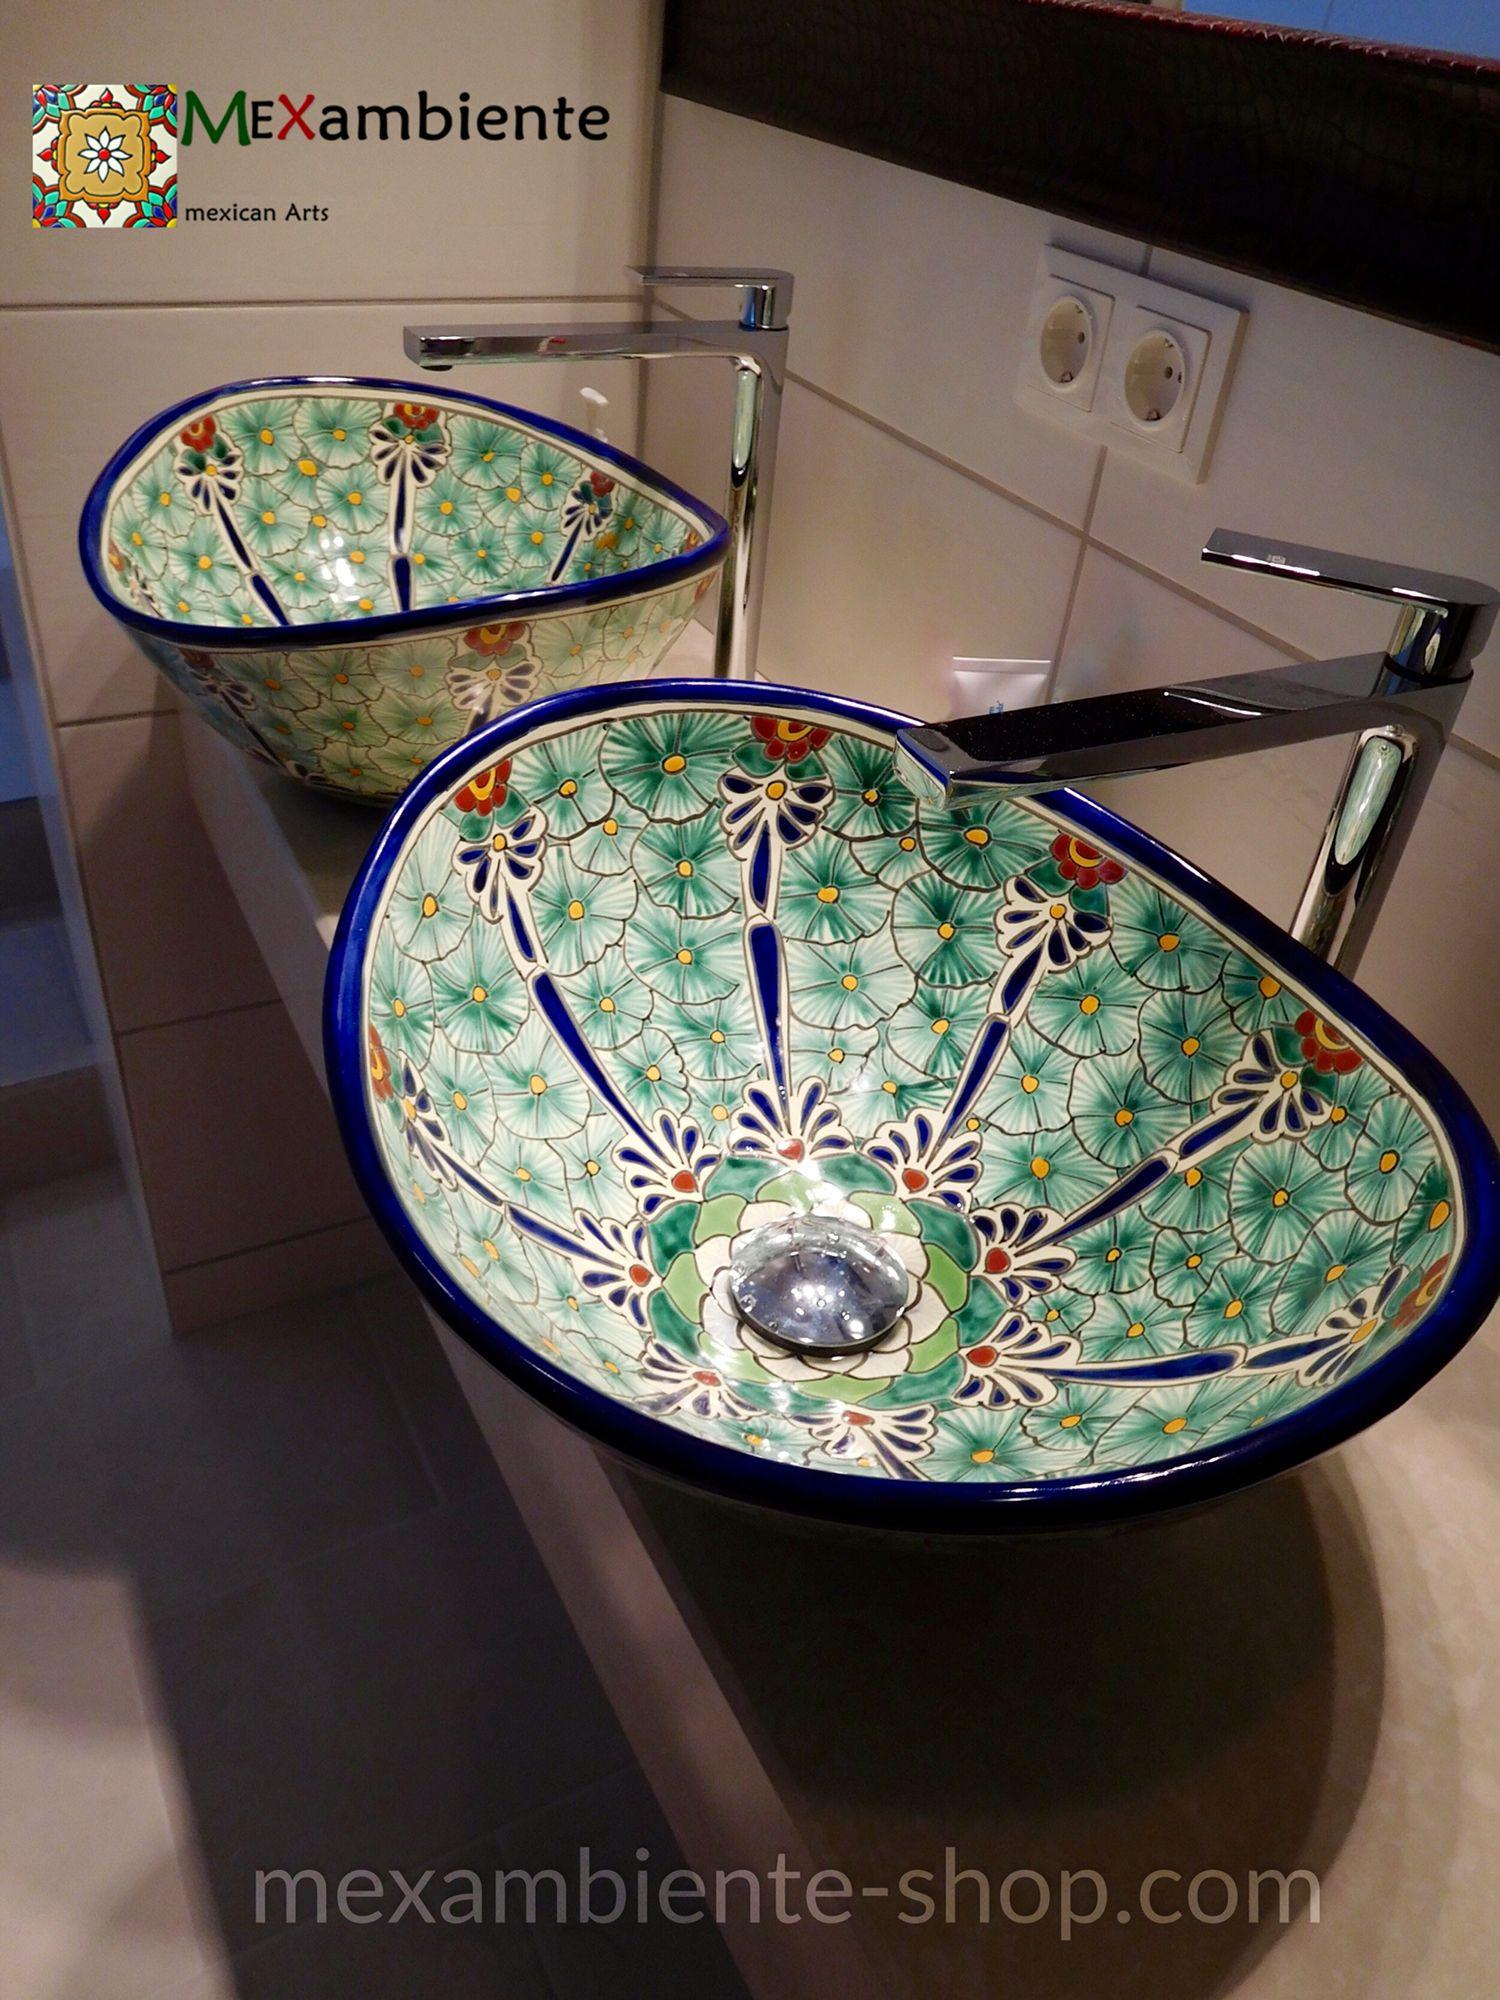 Gute Laune Im Badezimmer! Bunte Mexikanische Waschbecken Von Mexambiente In  Deutschland Www.mexambiente Shop.com #exotisch #badezimmer #badideen ...